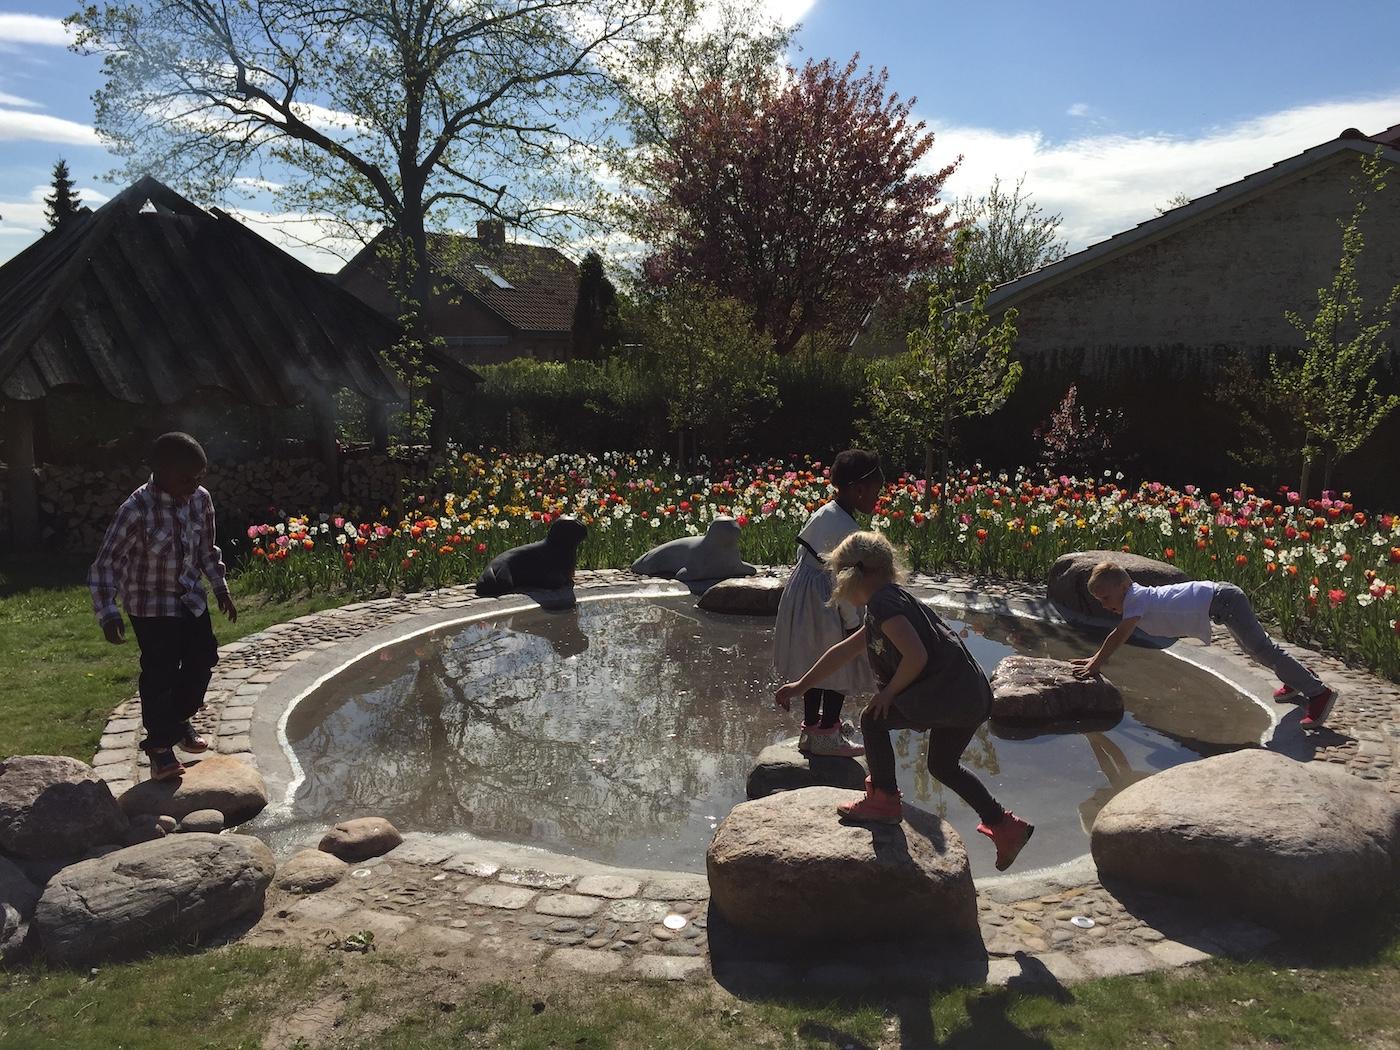 Soppebassin med vand omkrænset af små og store sten, hvorpå fire børn leger. Tulipaner i baggrunden